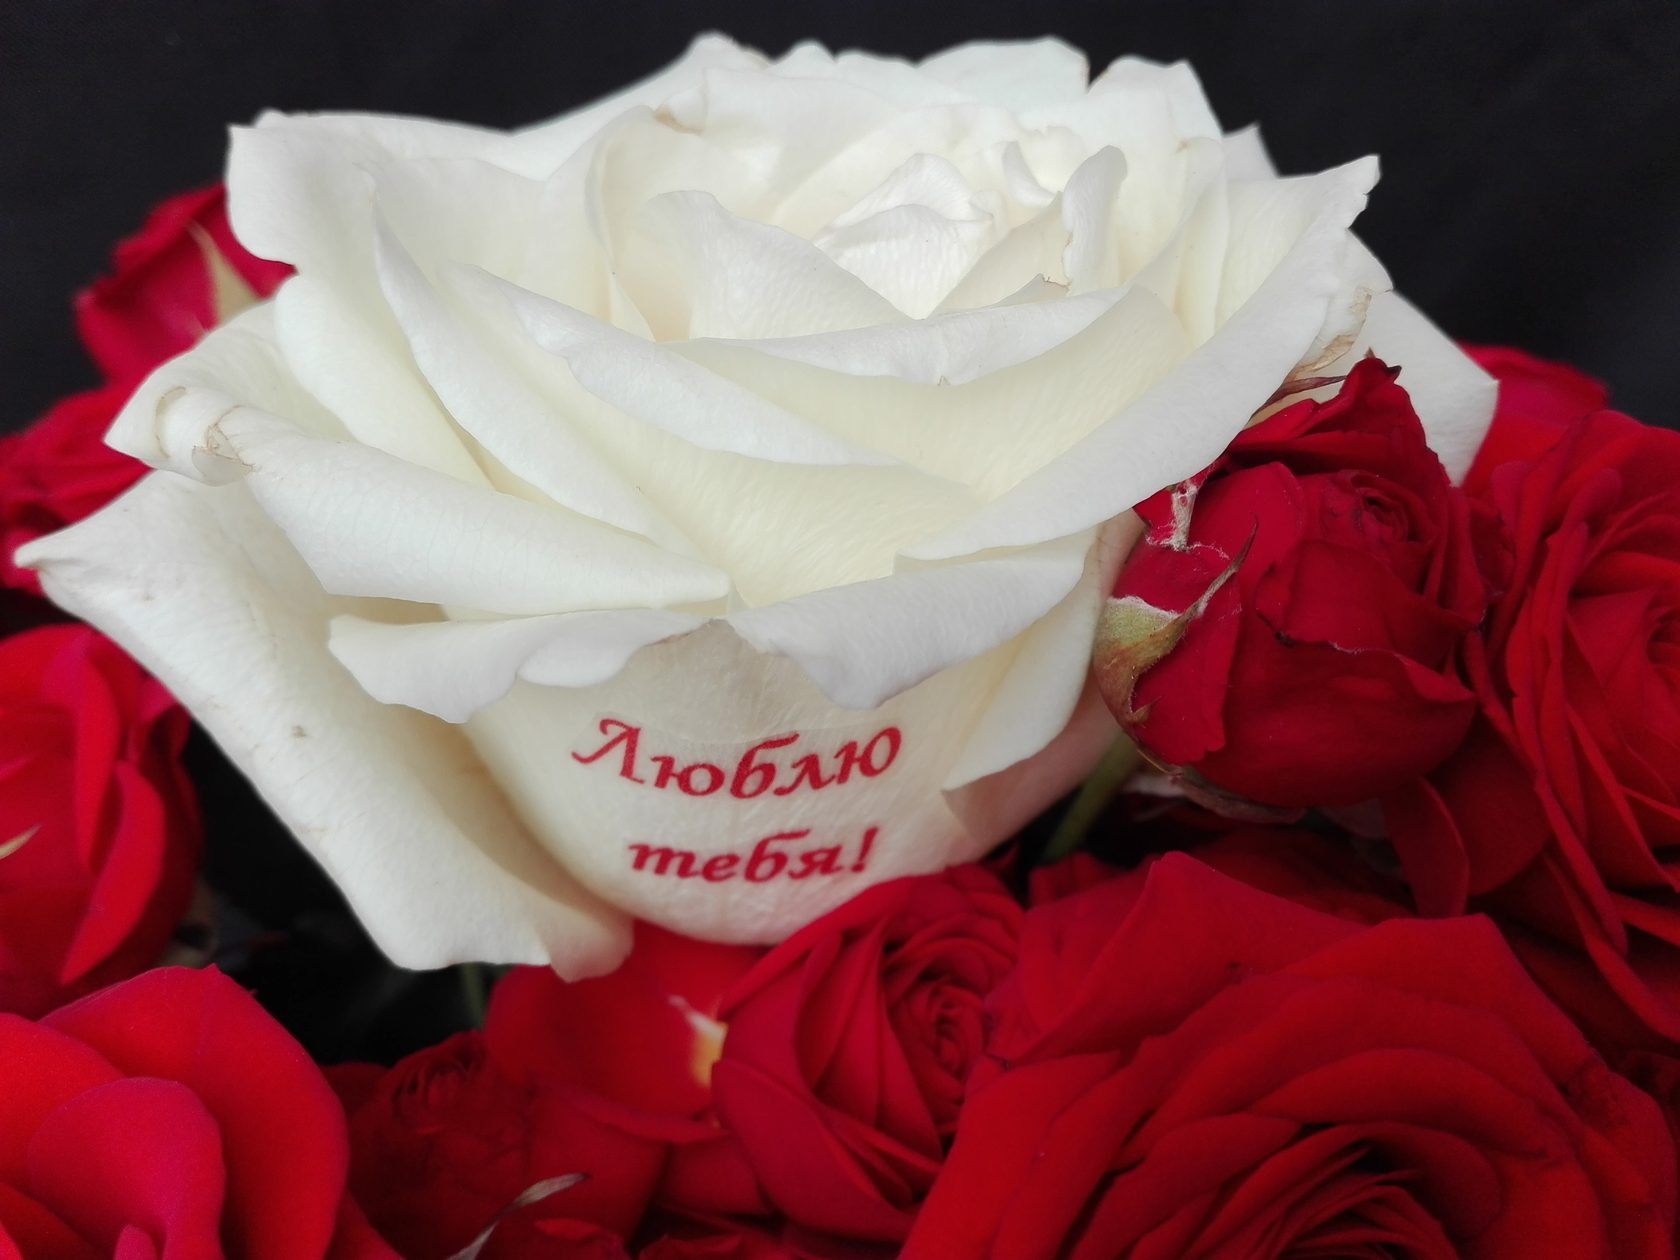 розы с поздравлениями на лепестках пришли мероприятие